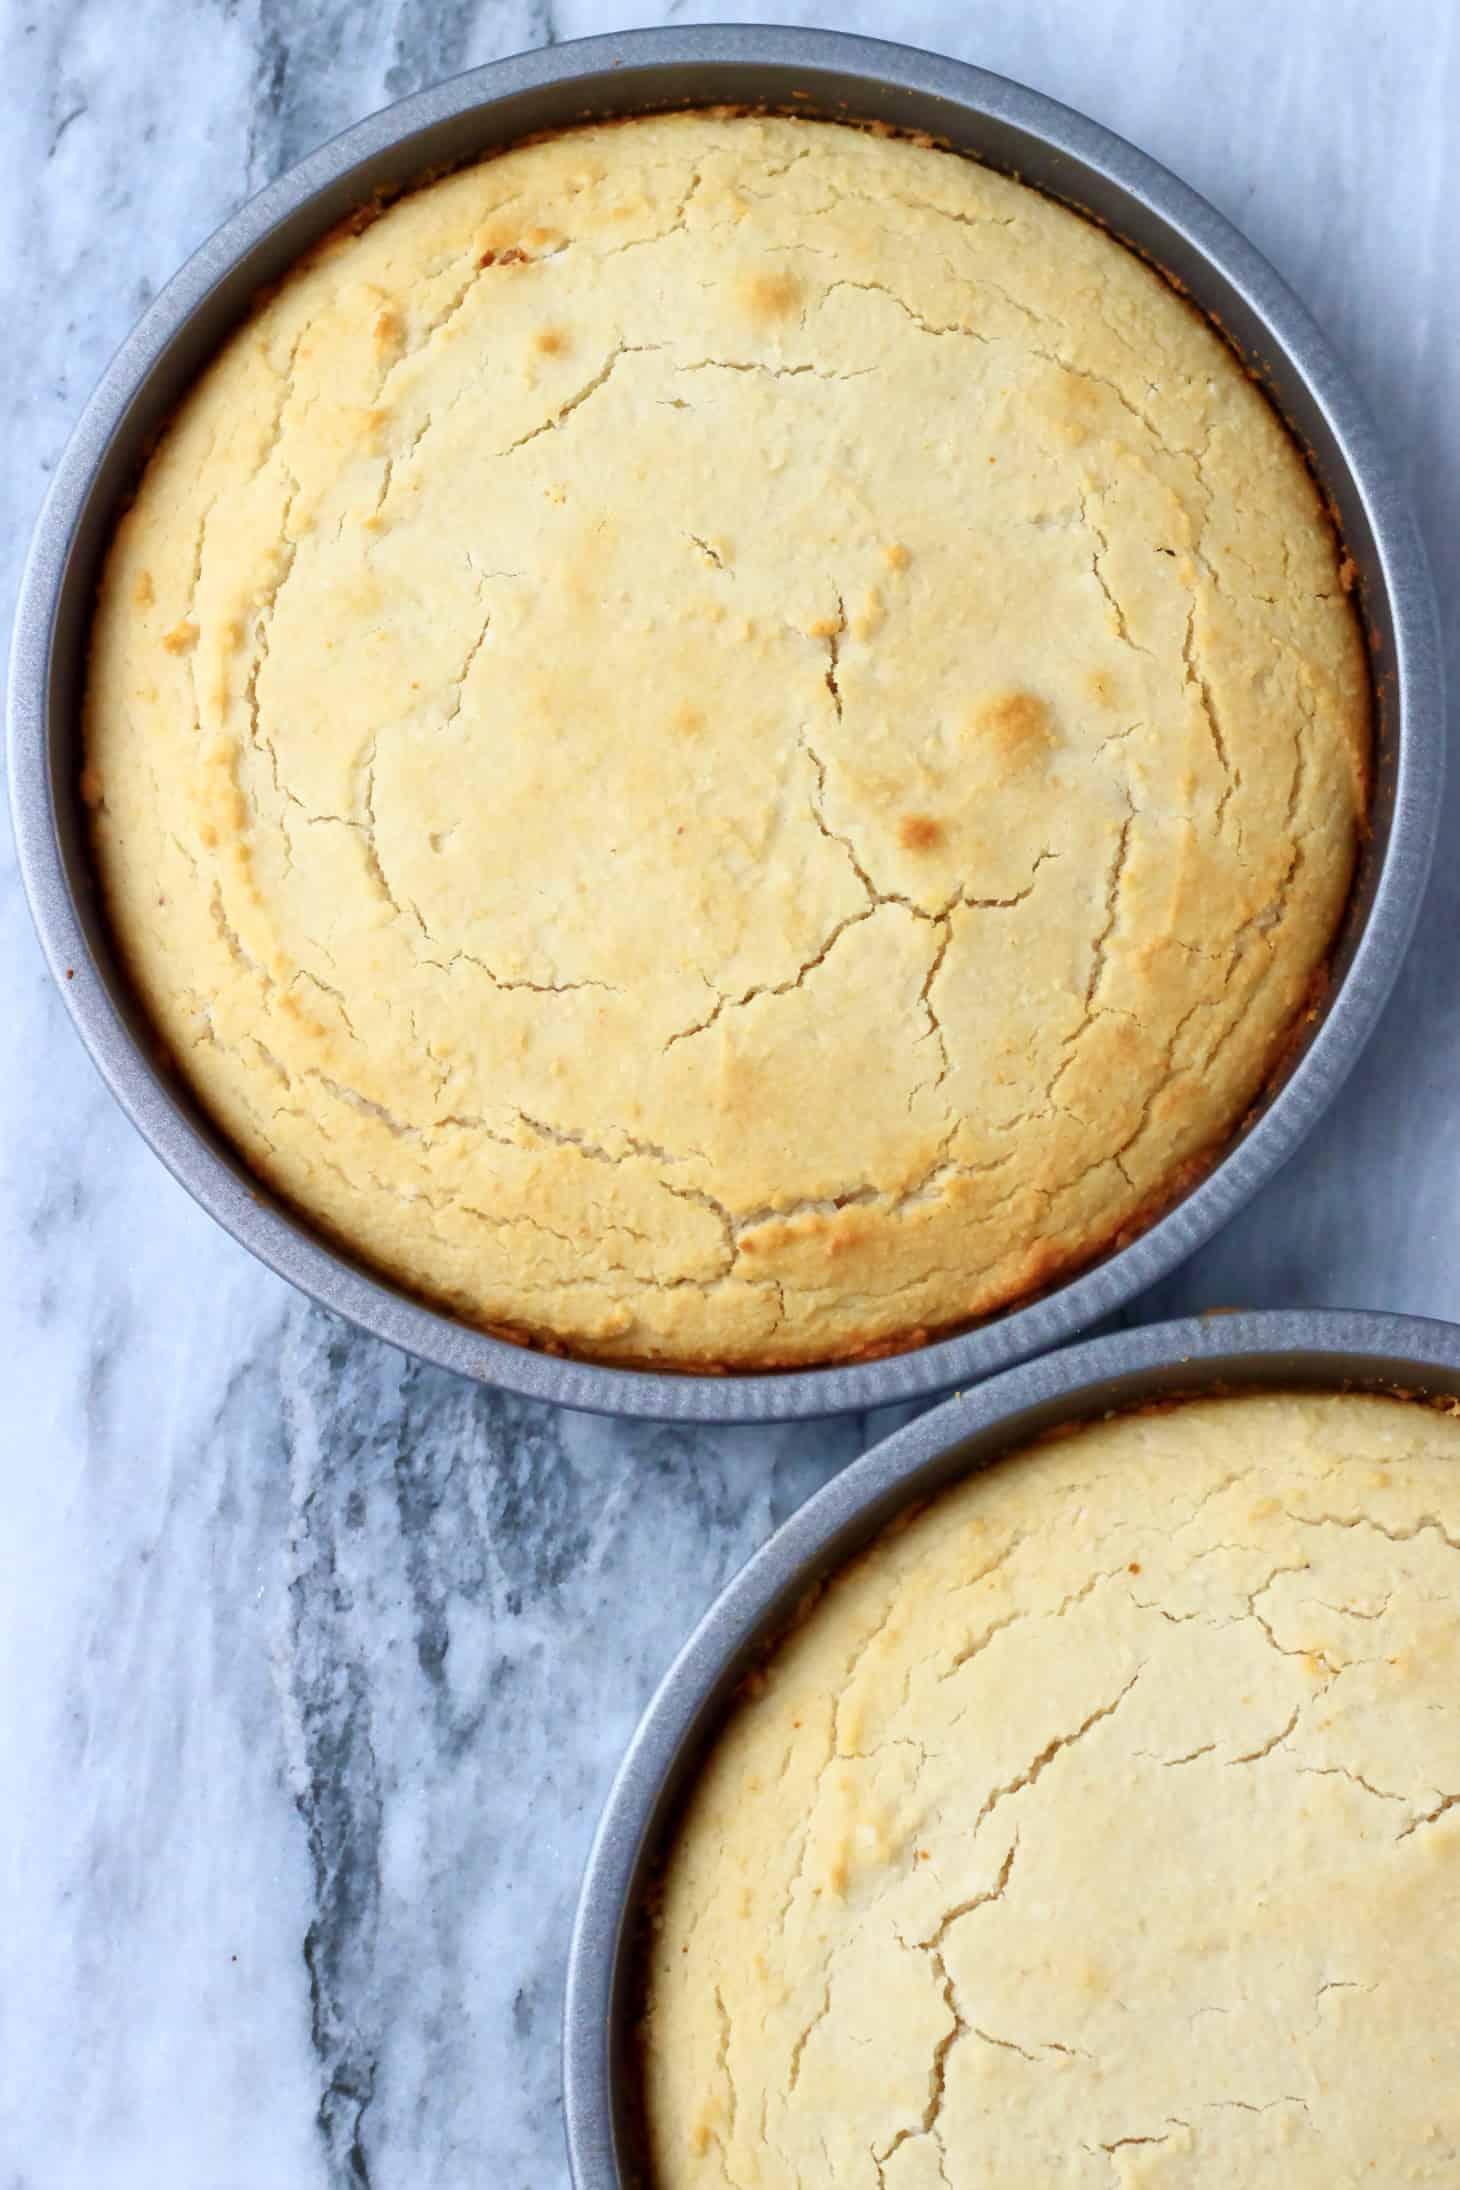 Two gluten-free vegan vanilla cake sponges in two circular baking tins